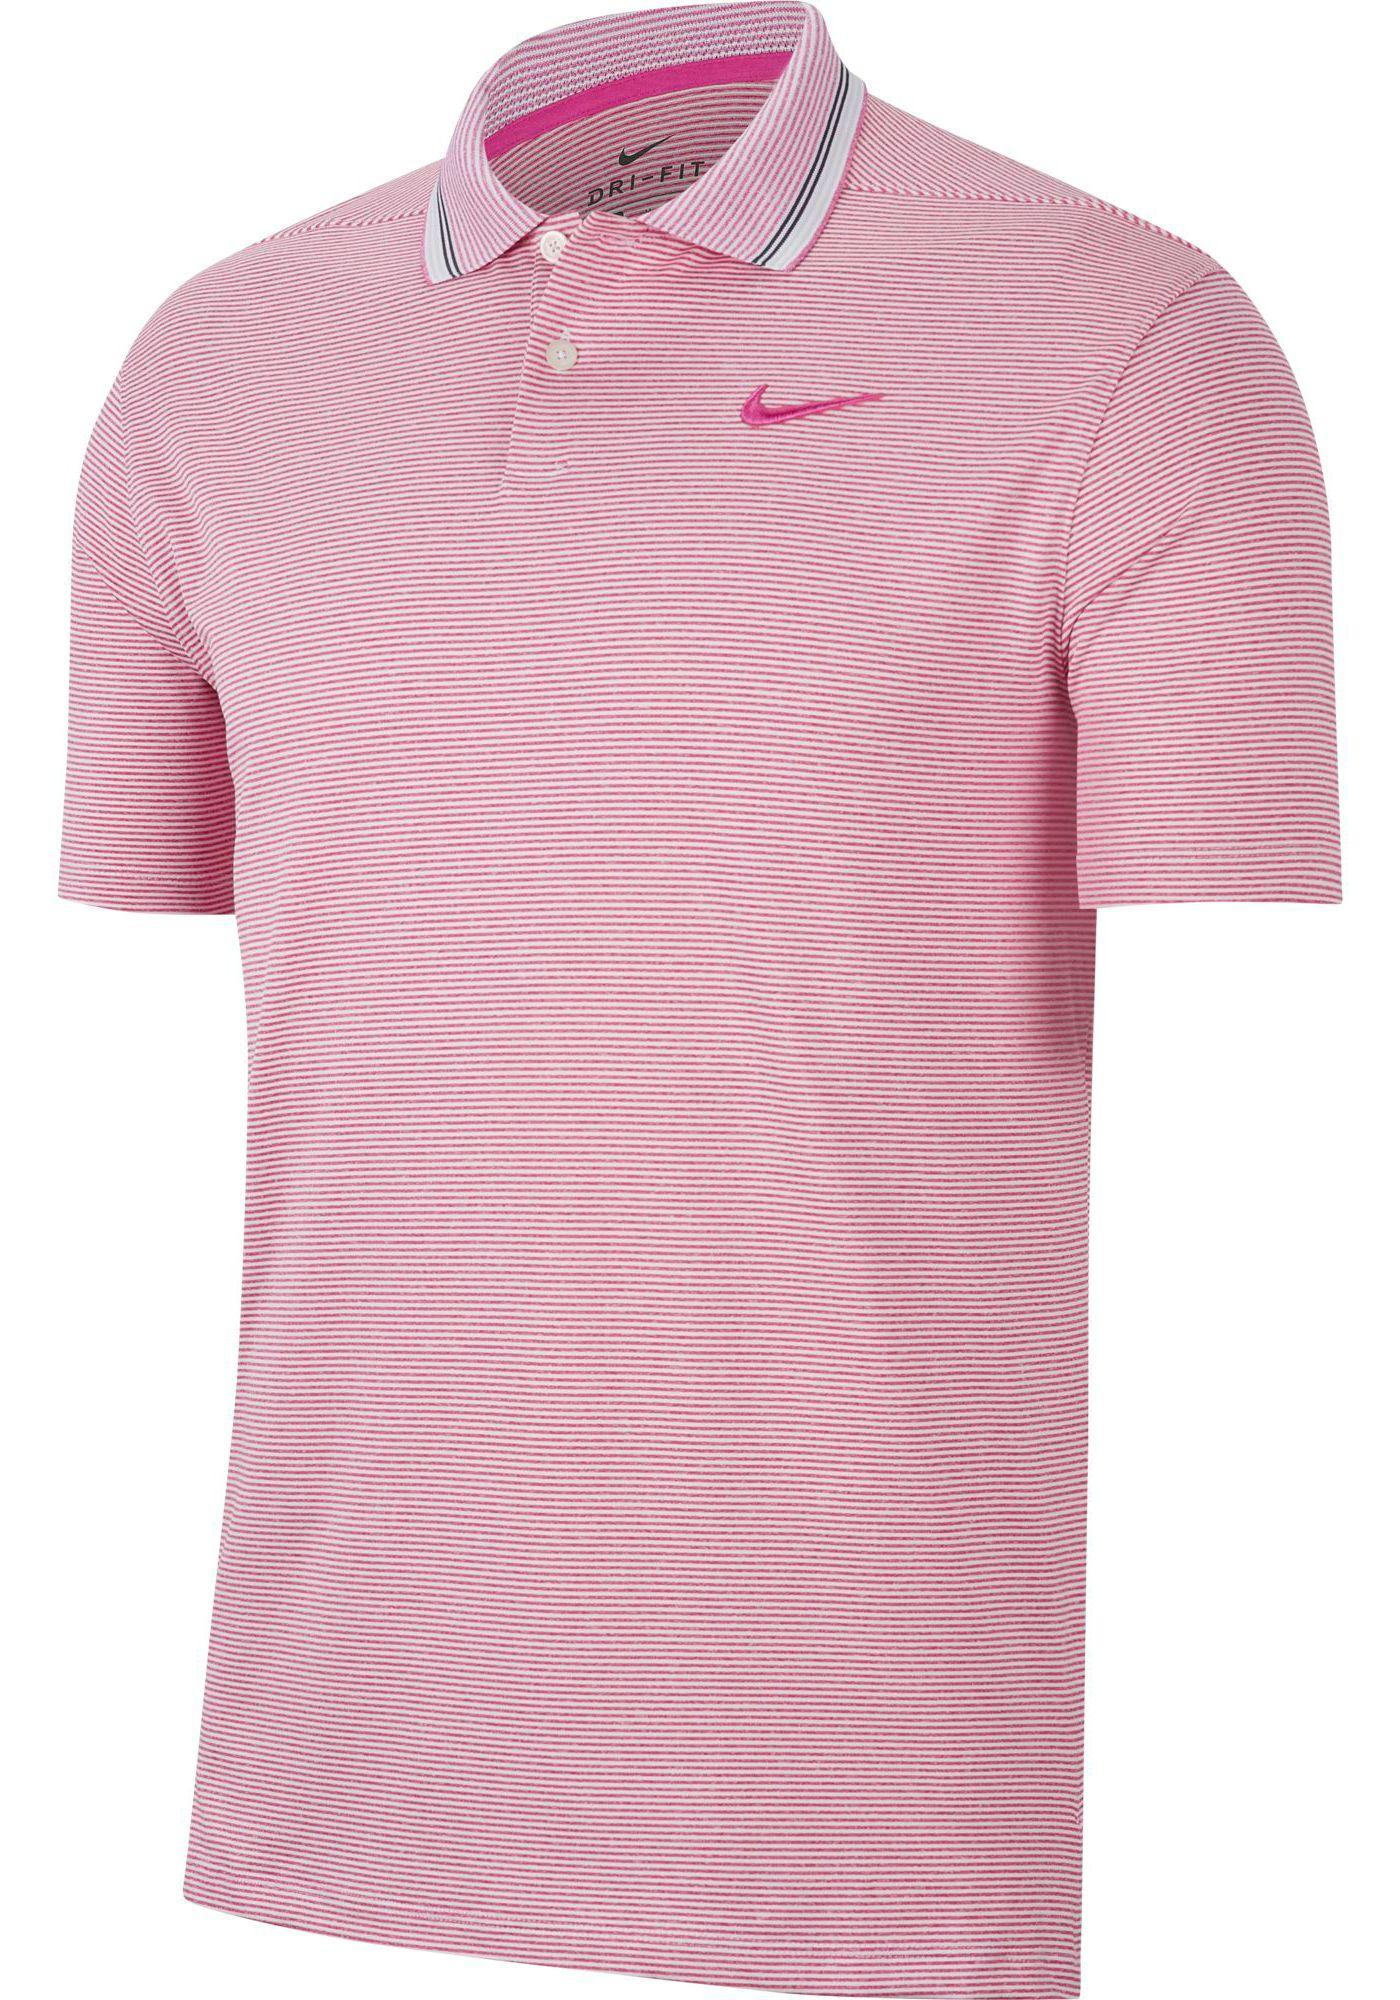 Nike Men's Vapor Control Stripe Golf Polo